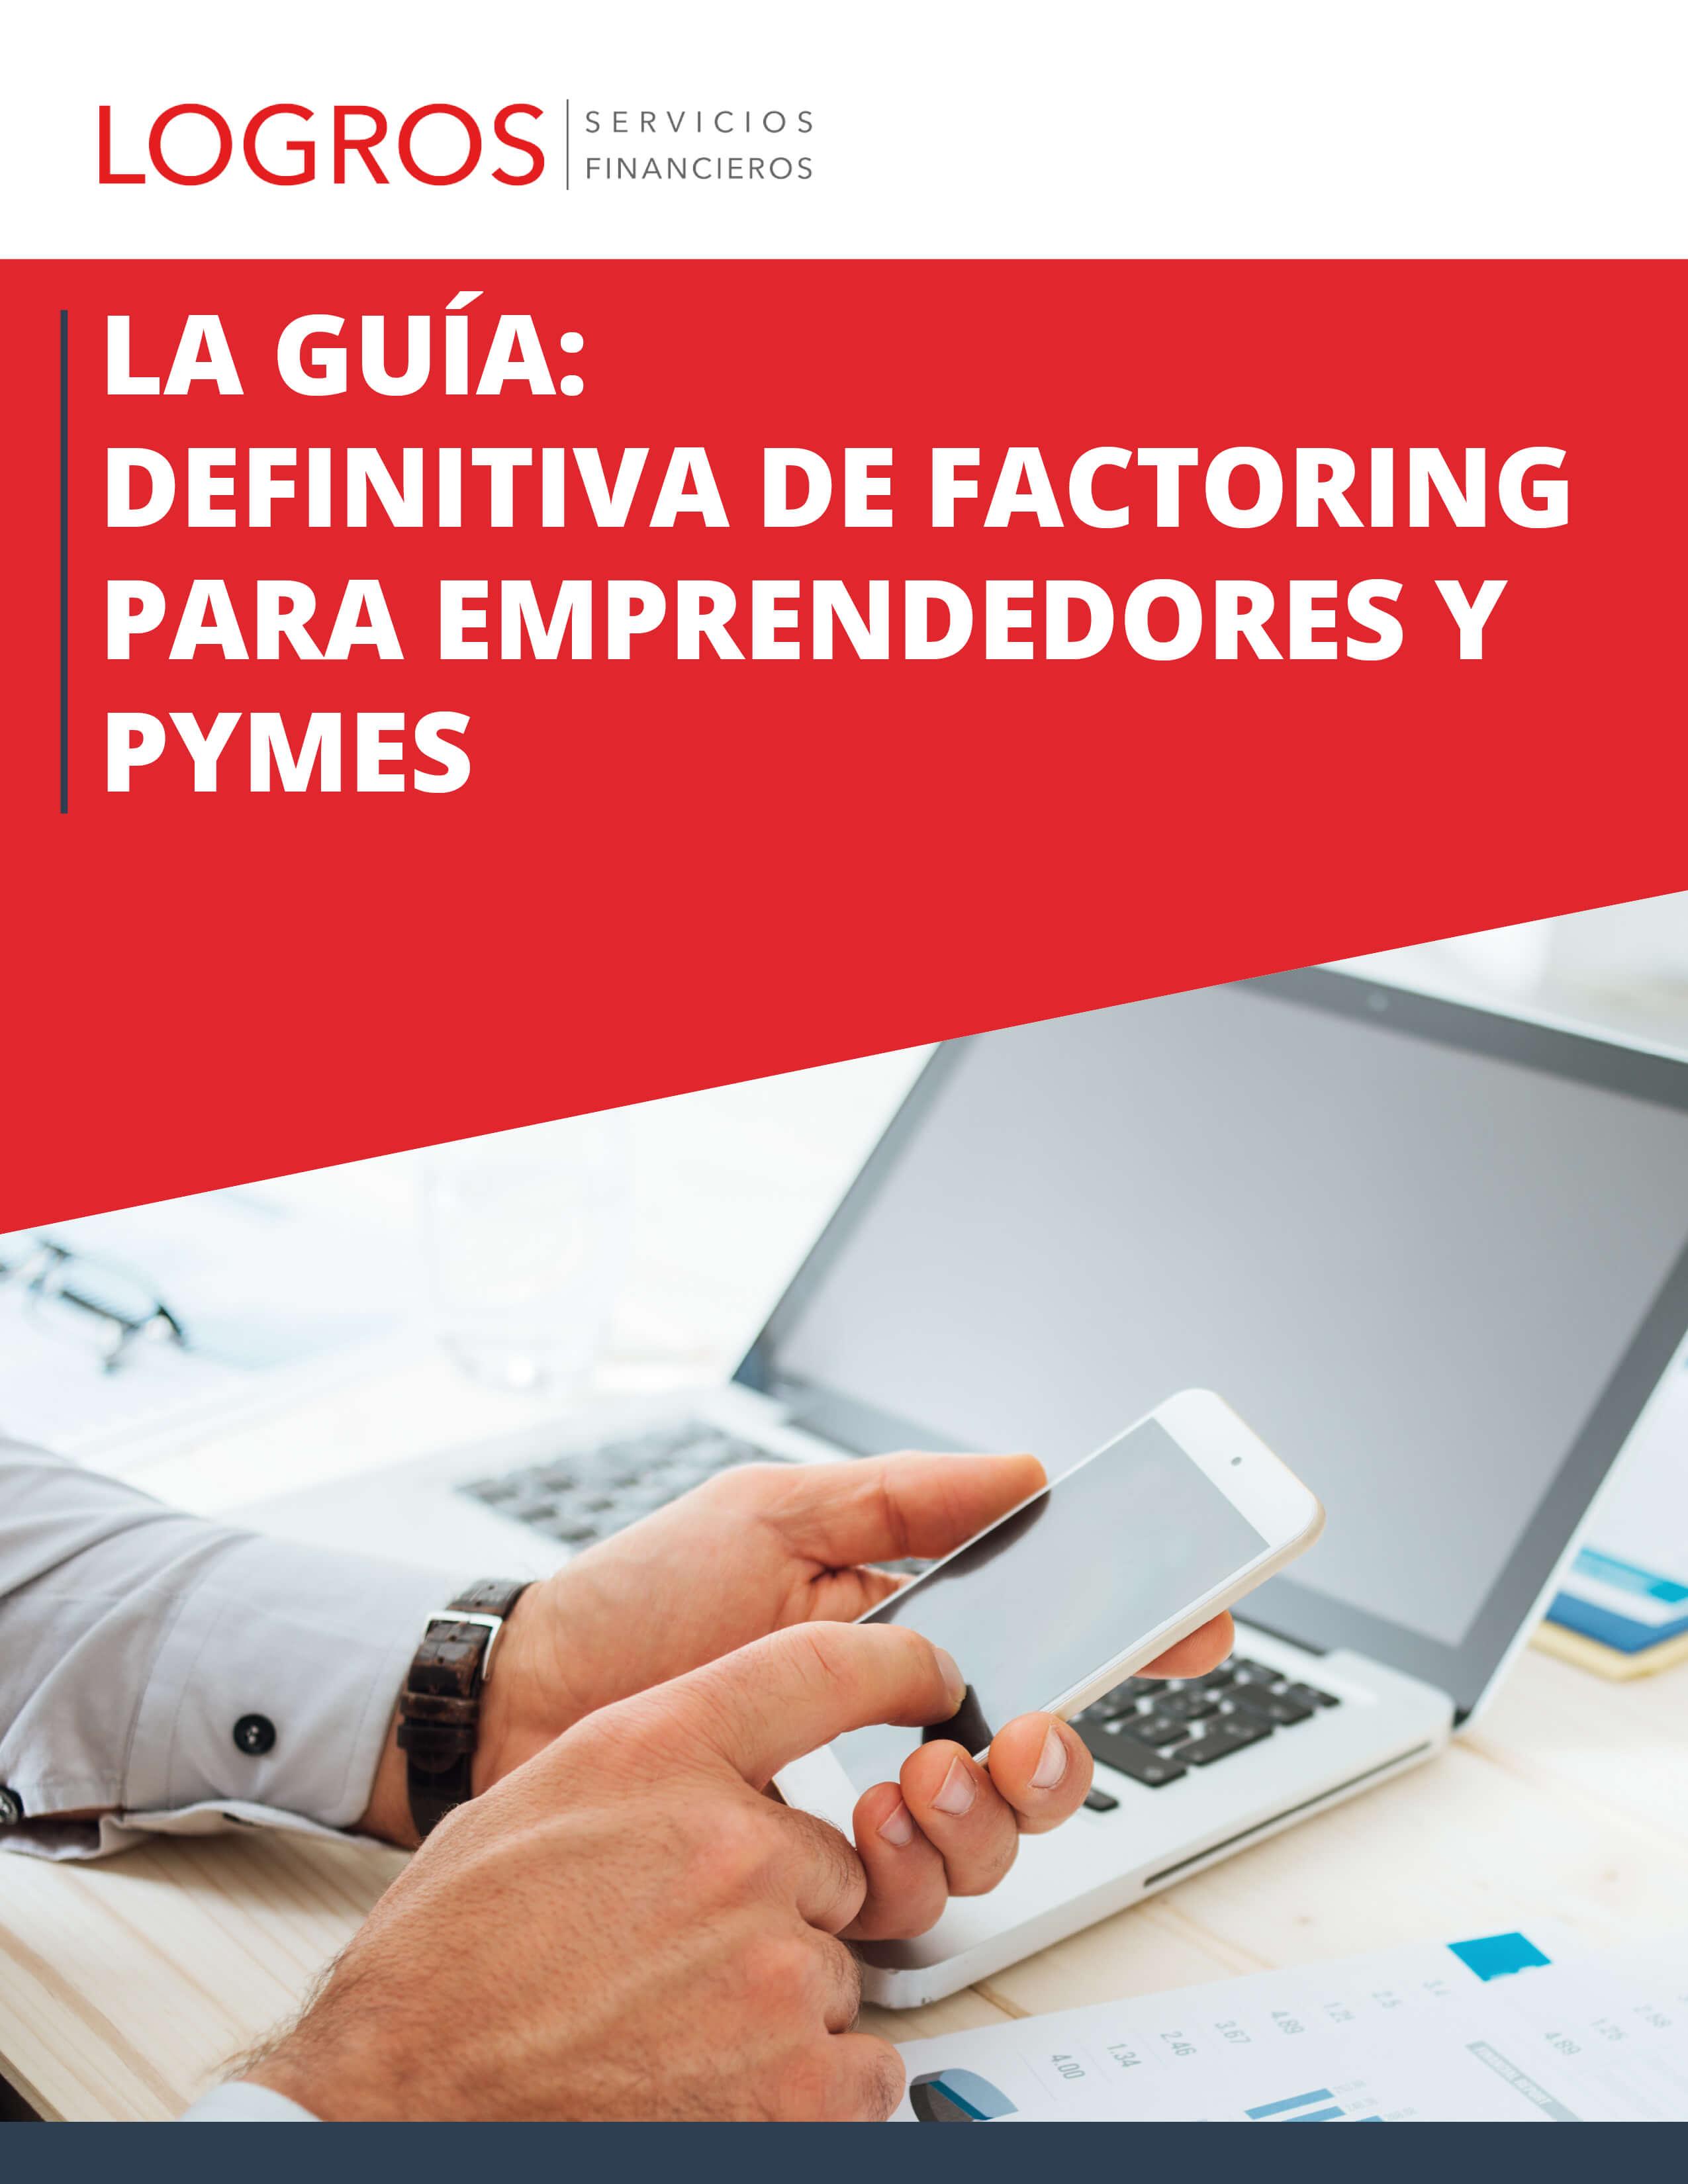 La guía definitiva de factoring para emprendedores y Pymes